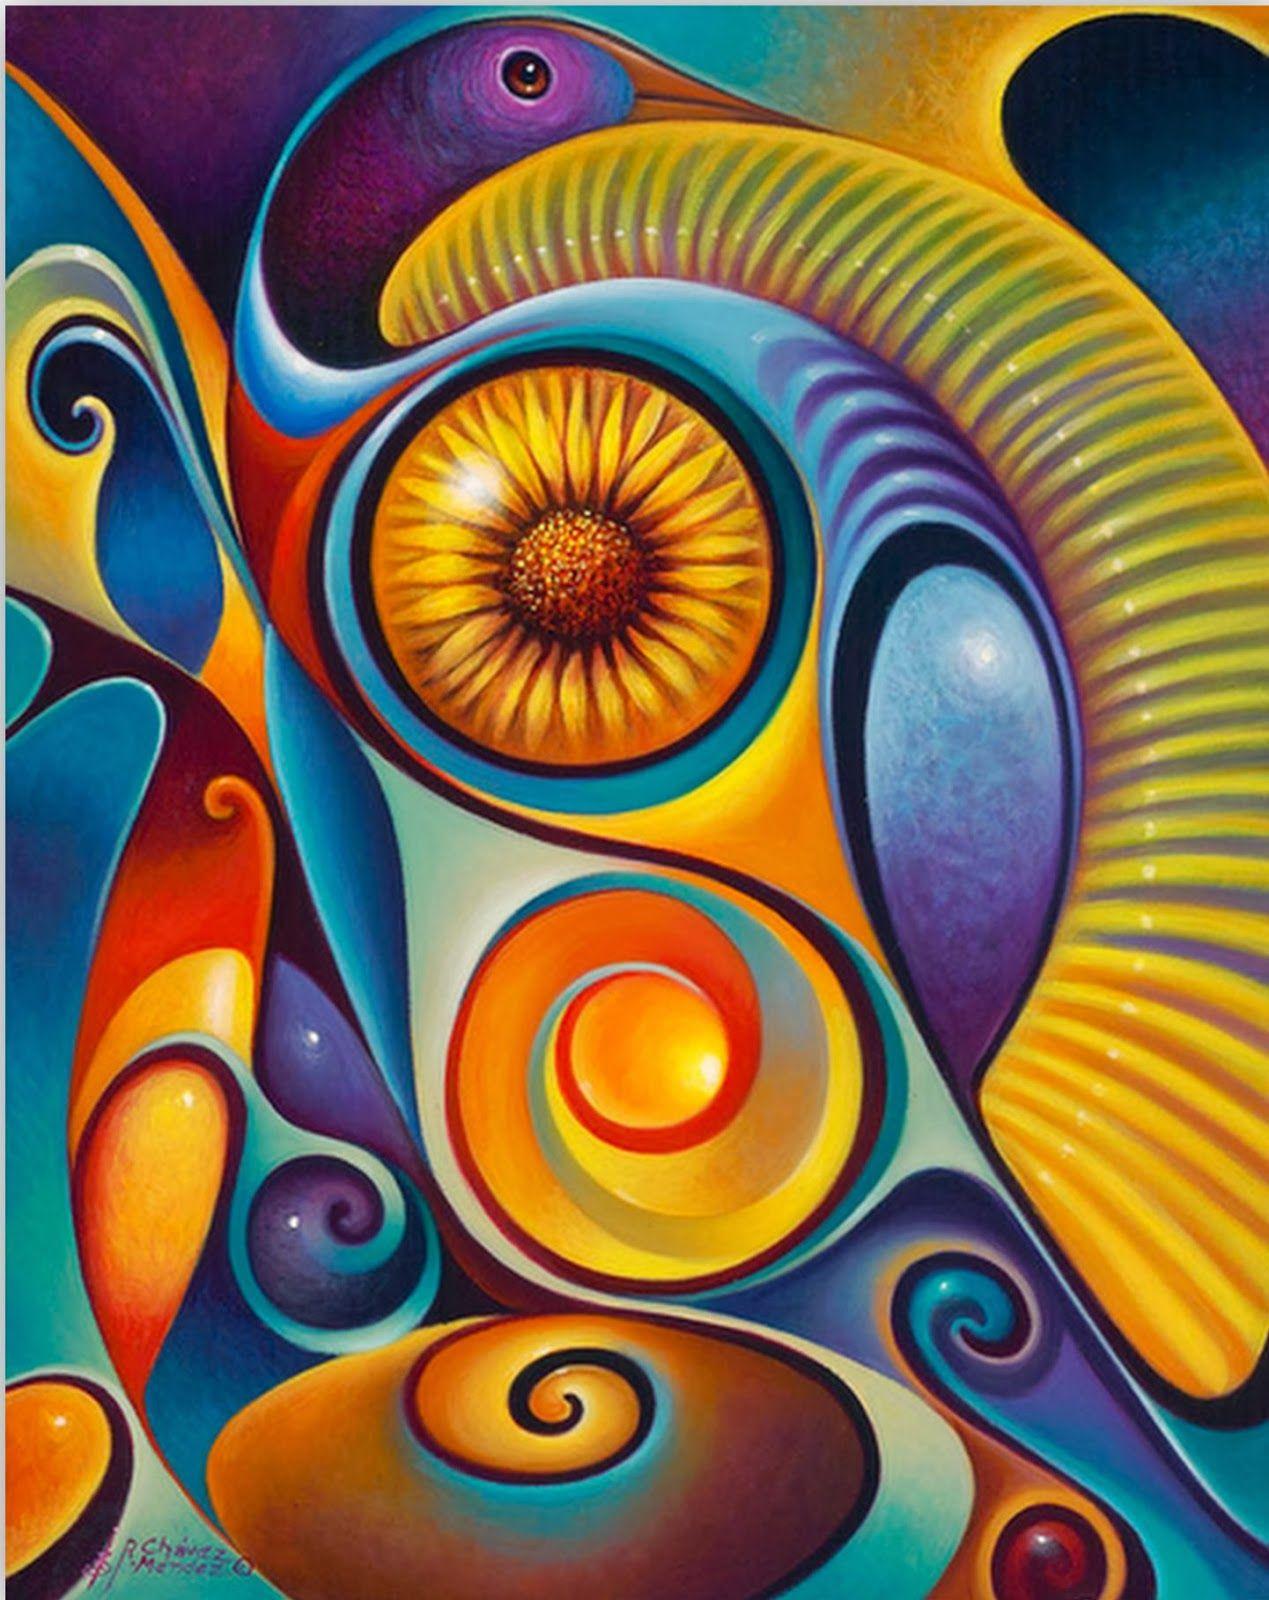 Pinturas de abstractos modernos decorativos cuadros - Ideas para pintar cuadros ...